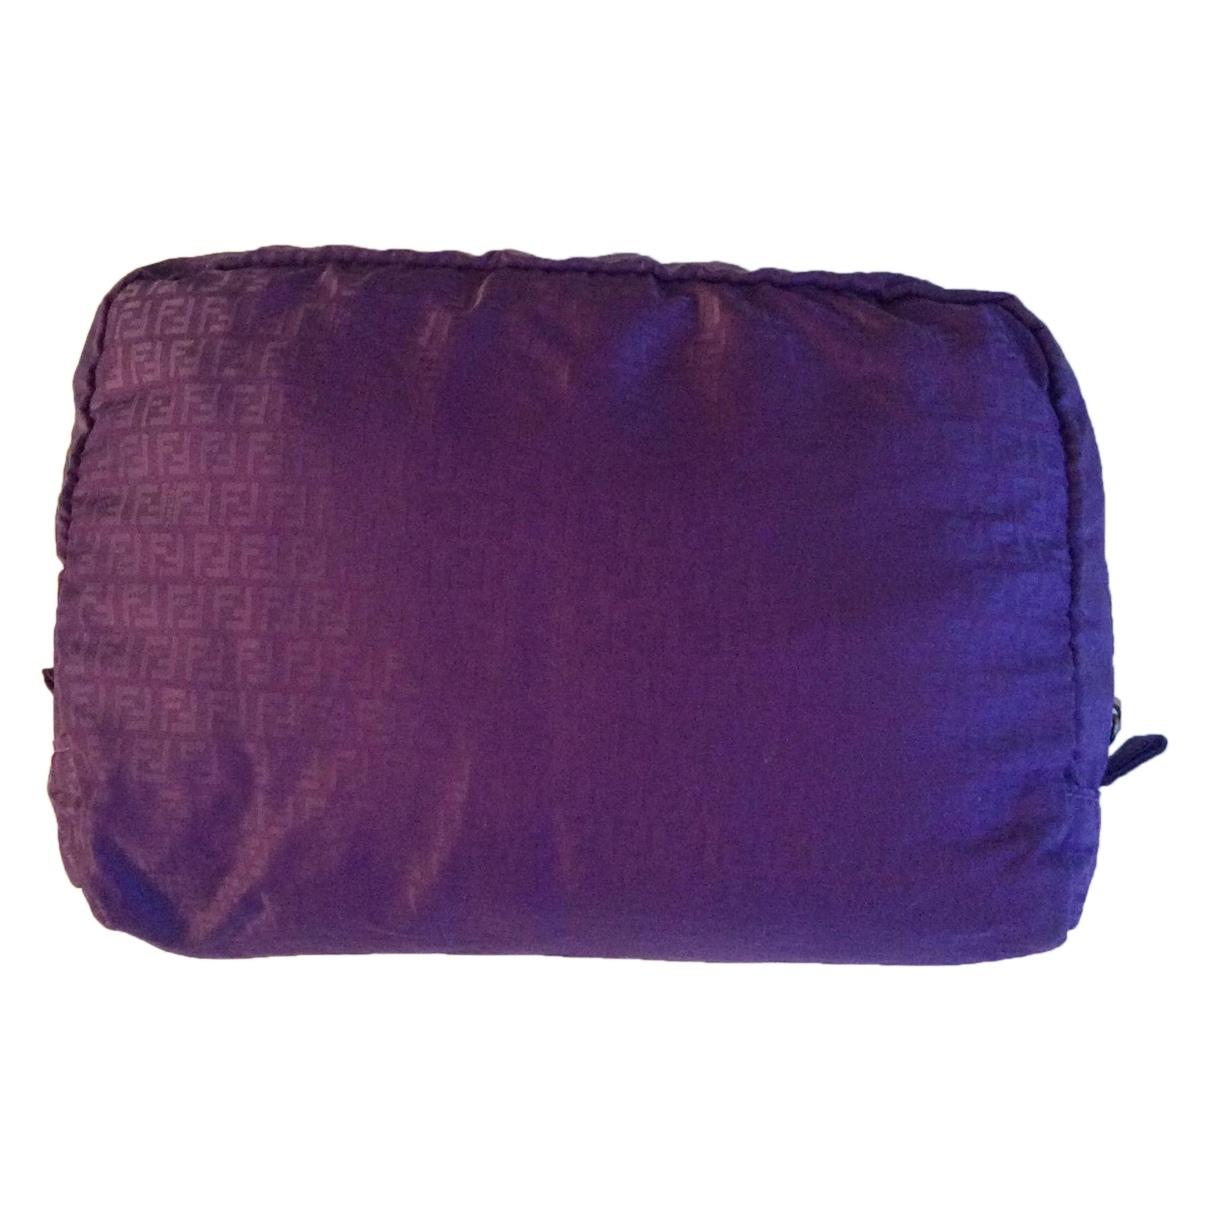 Fendi - Sac de voyage   pour femme en toile - violet